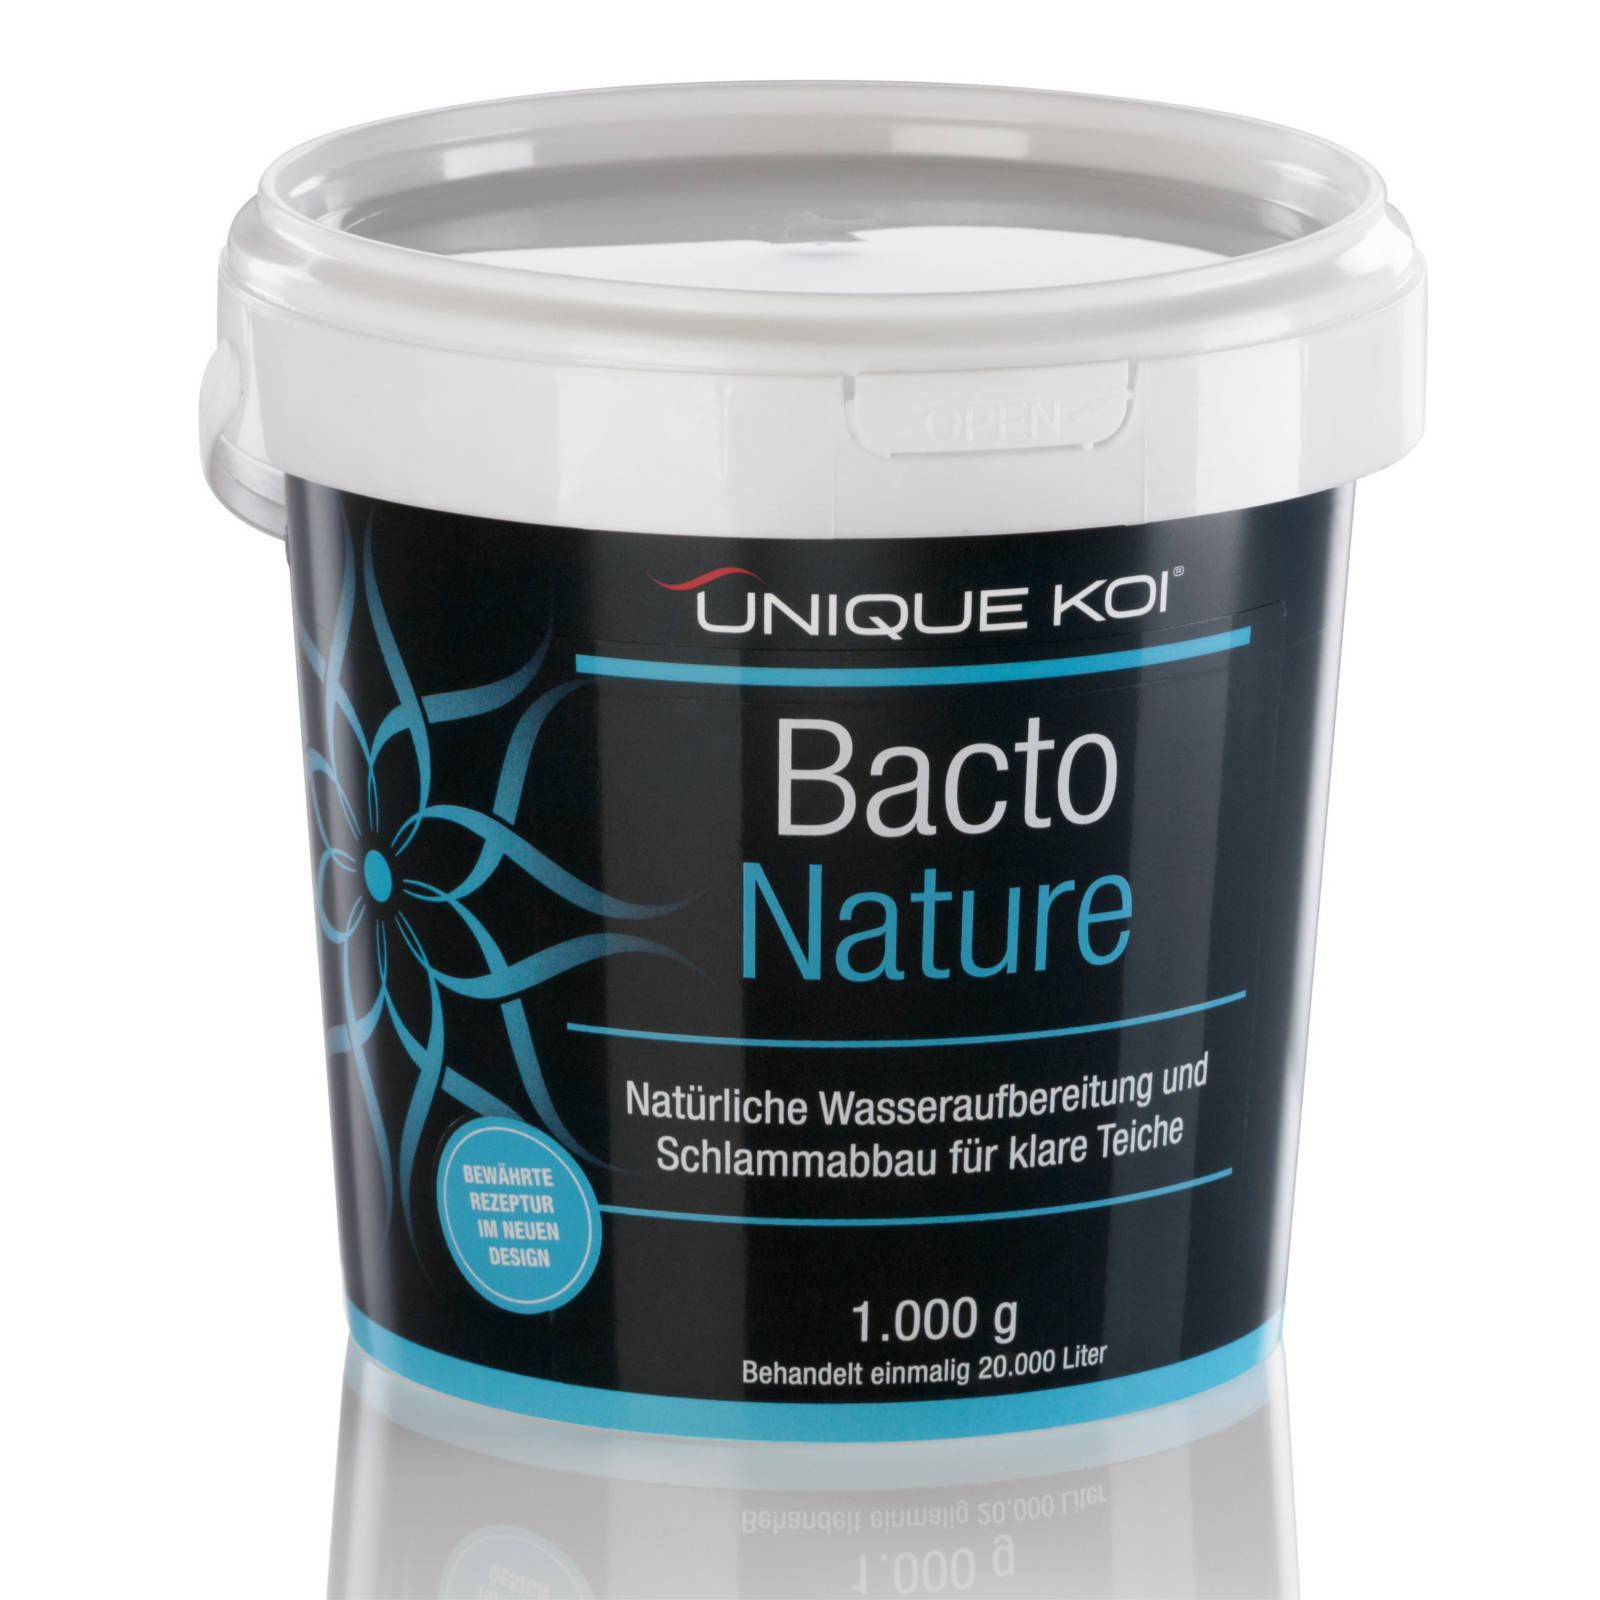 Unique Koi Bacto Nature Natürliche Wasseraufbereitung und Schlammabbau für klare Teiche 500g für 100